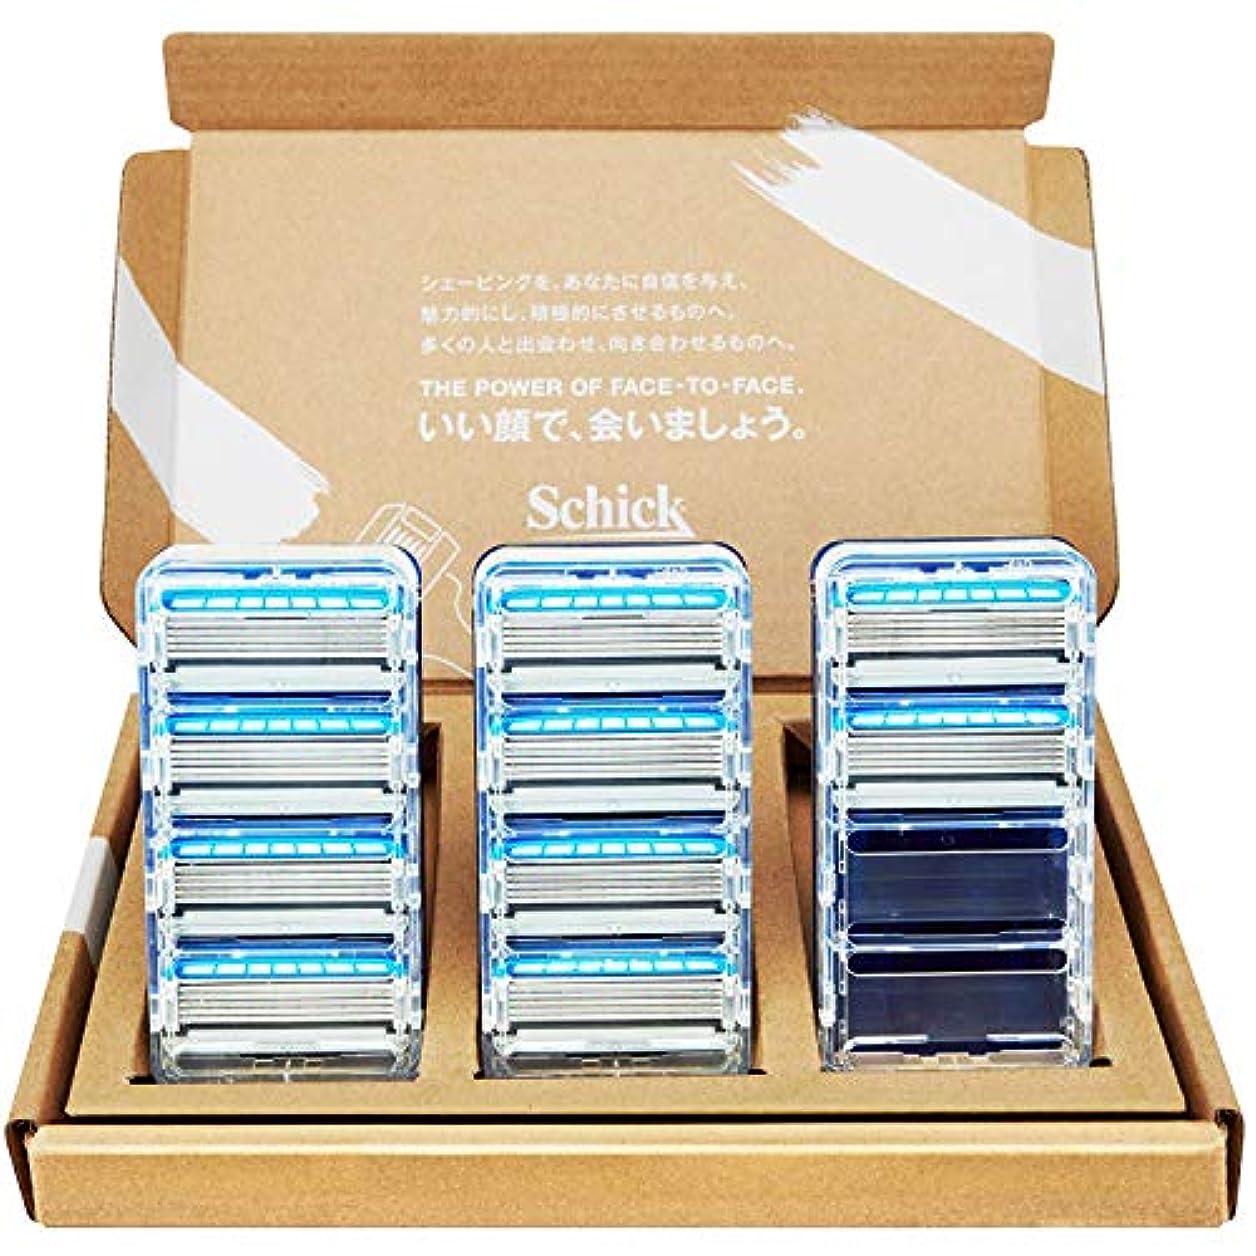 模索郵便屋さん直接【Amazon.co.jp 限定】シック ハイドロ5 カスタム ハイドレート 替刃 10コ入